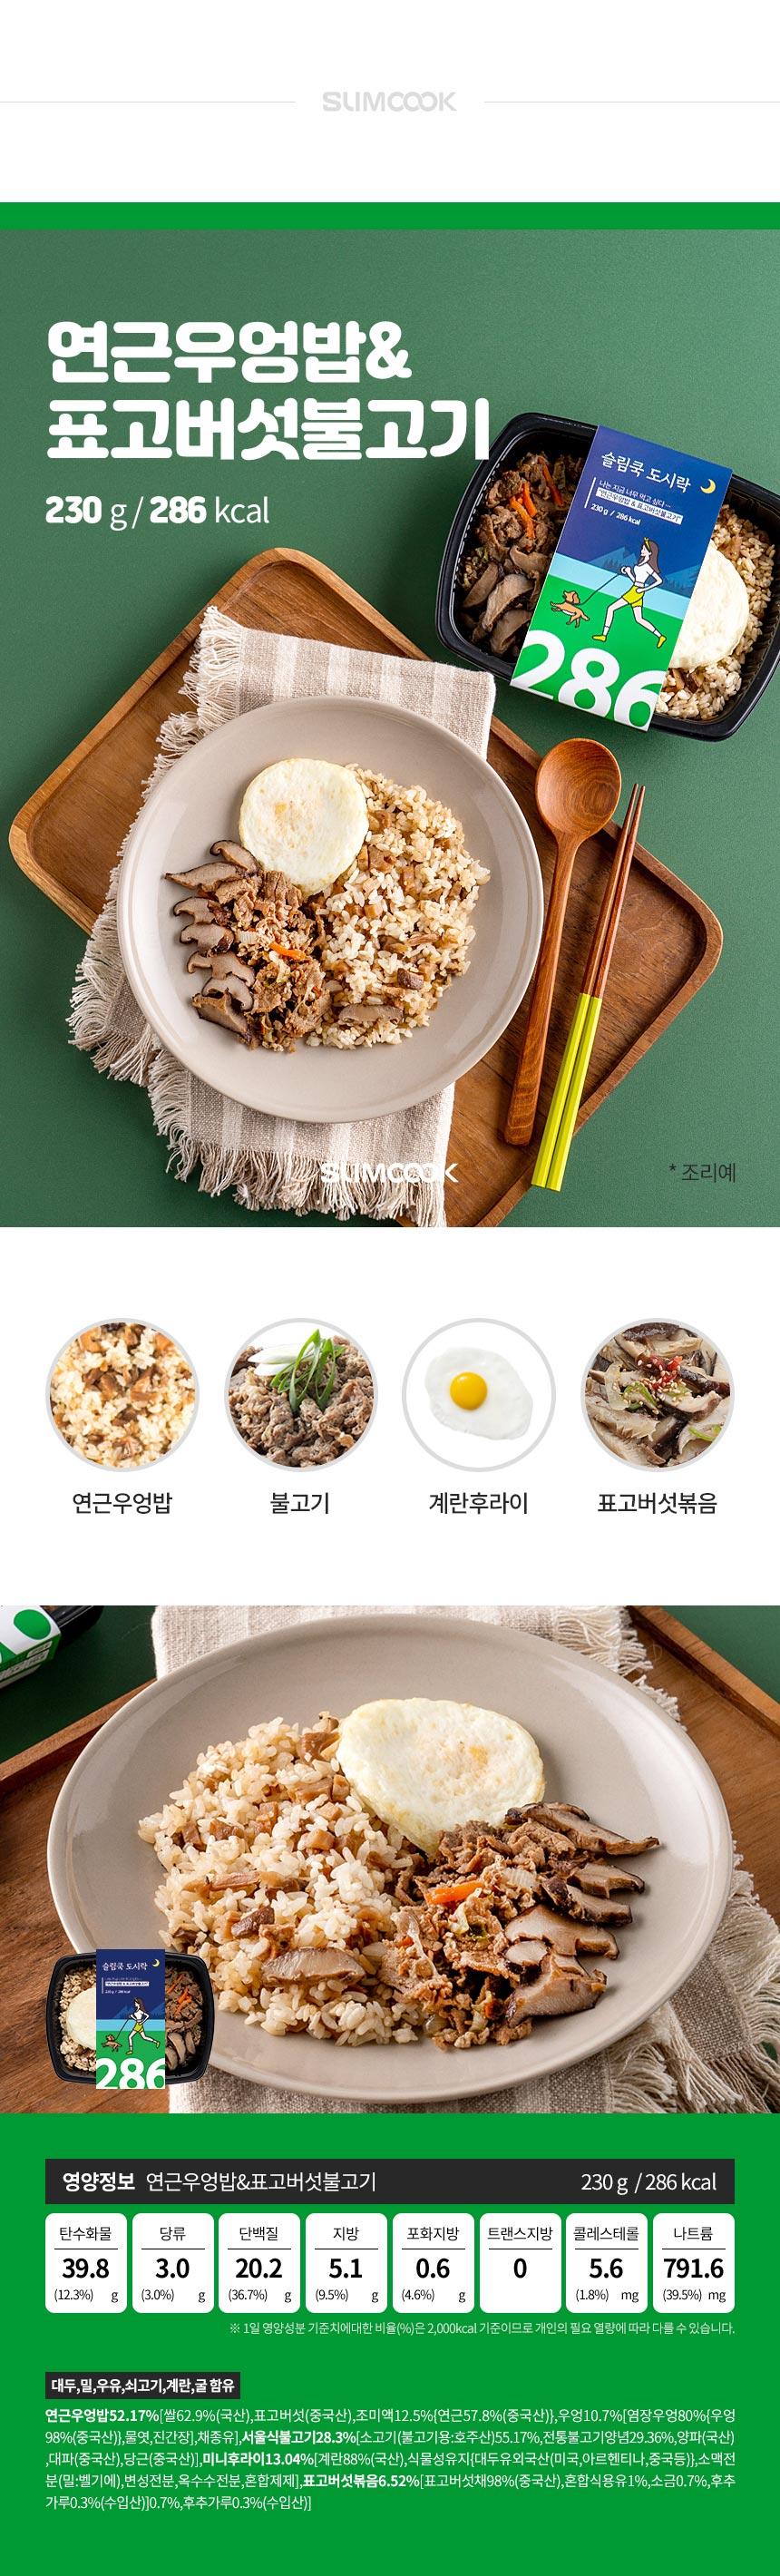 슬림쿡 냉동도시락 연근우엉밥&표고버섯불고기